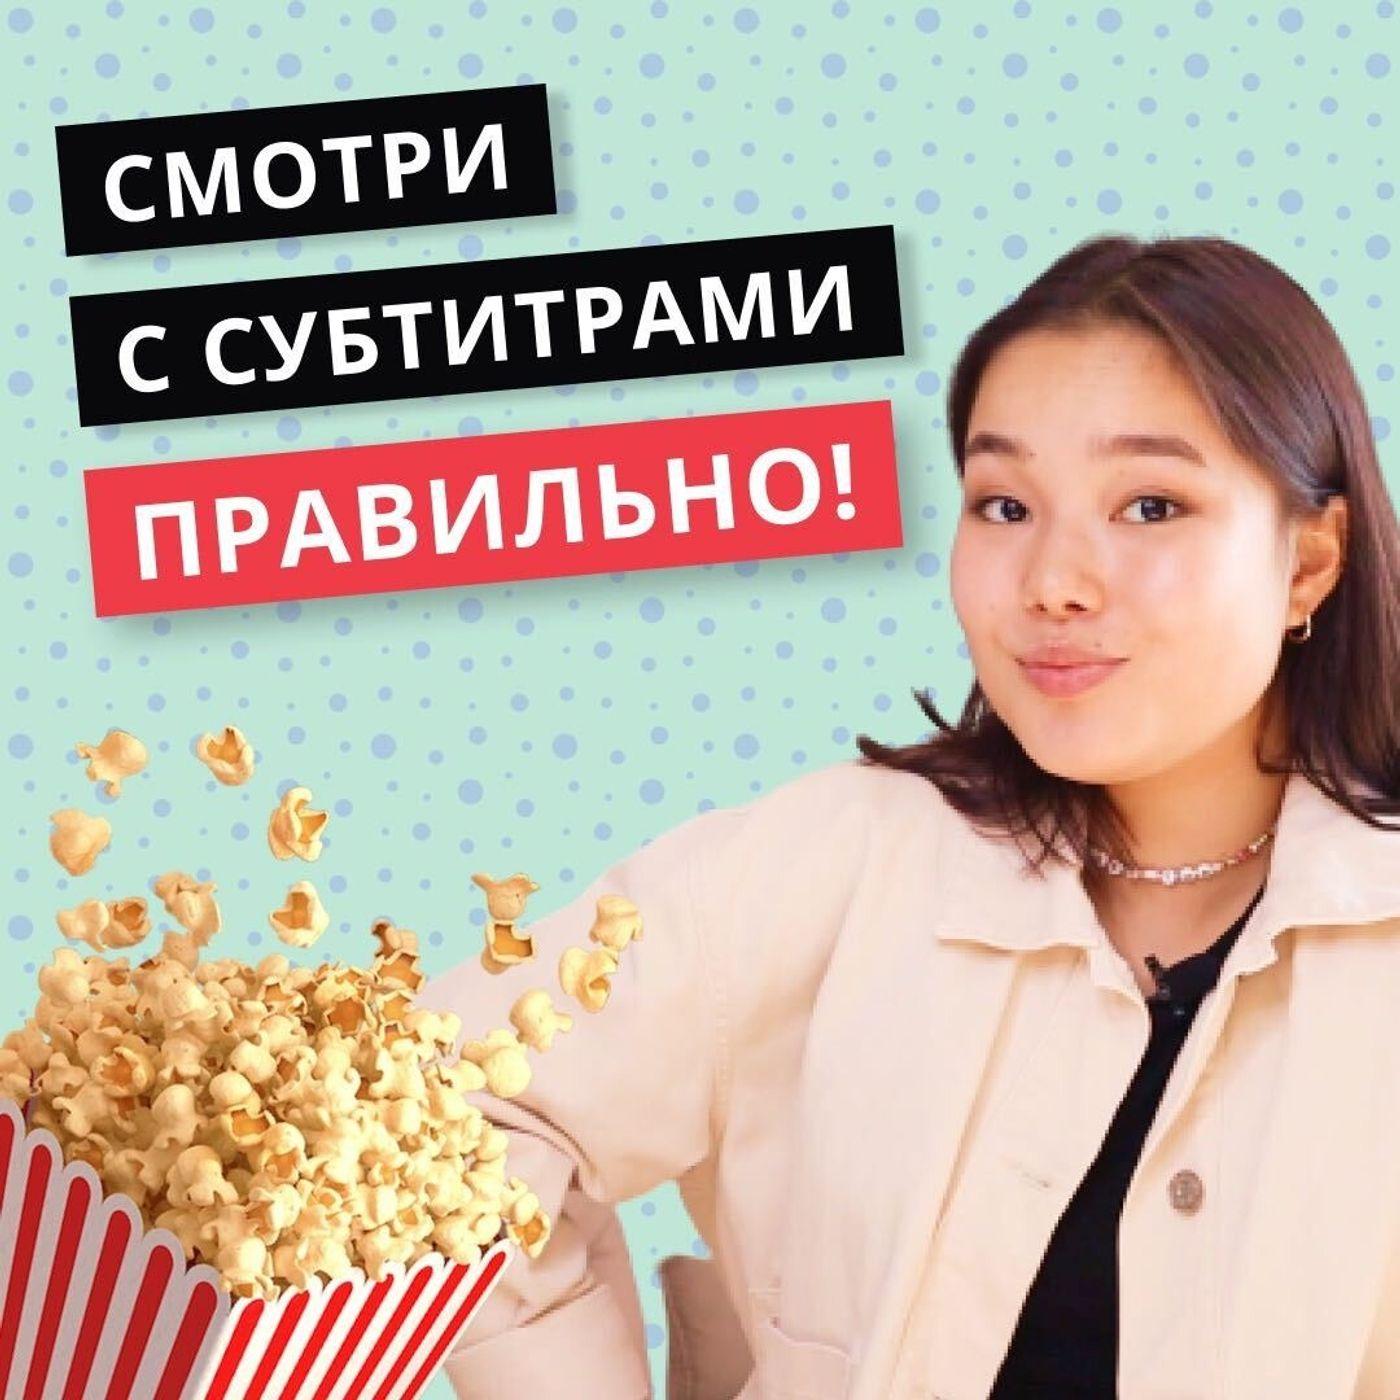 Как учить английский по фильмам и сериалам. Учим язык по субтитрам